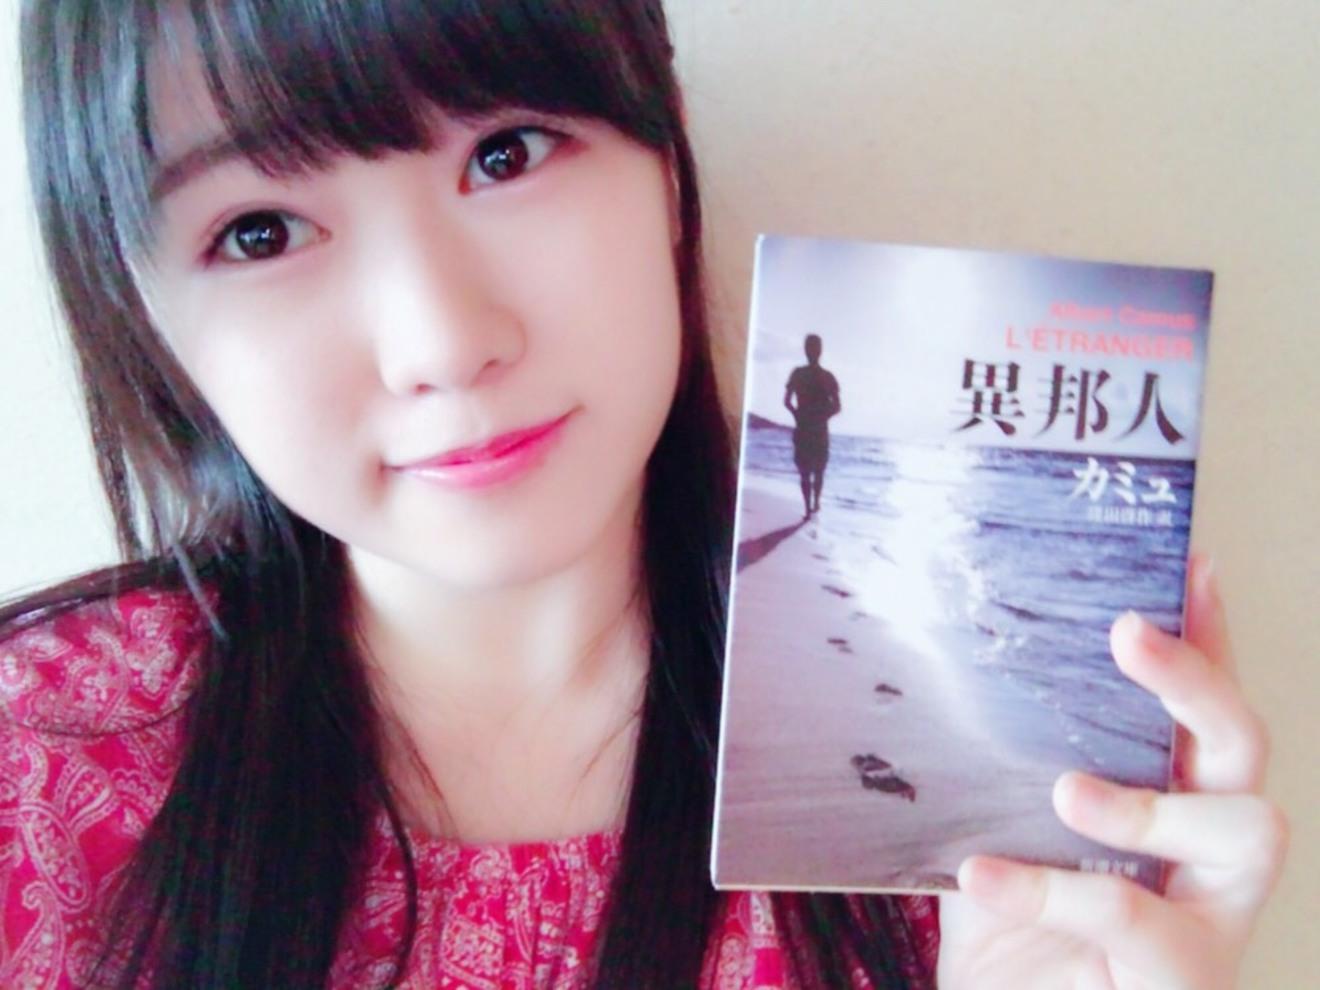 こぶしファクトリー・広瀬彩海が選ぶ「重苦しく、圧倒される小説」